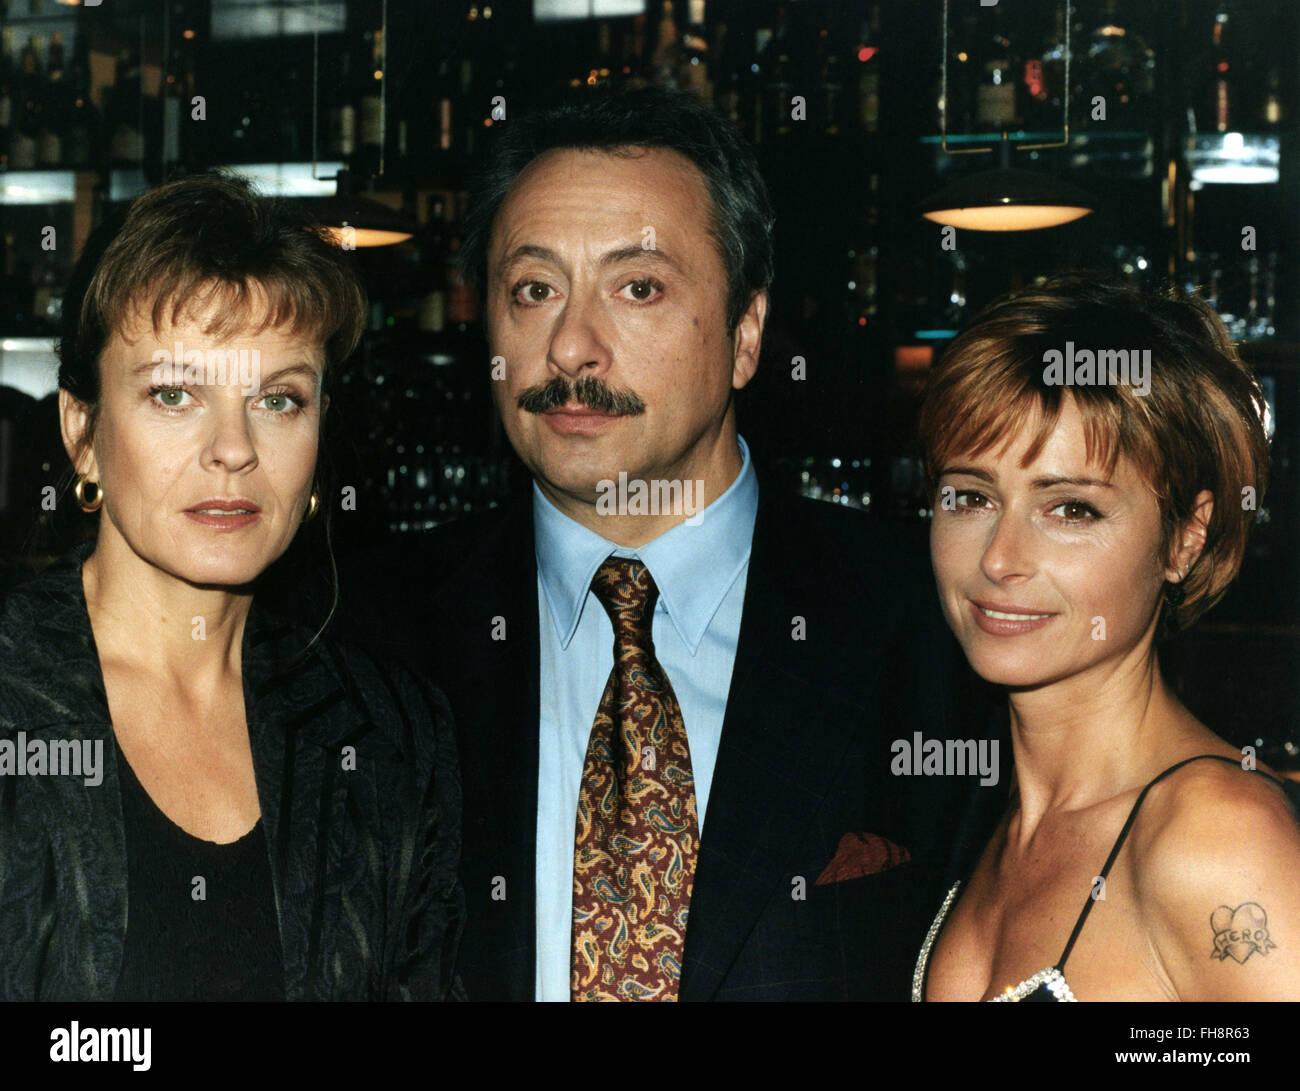 TV series, 'Die Geliebte', 2nd season, episode 7, 'Wie Du mir, so ich Dir', DEU 1997, making of: - Stock Image